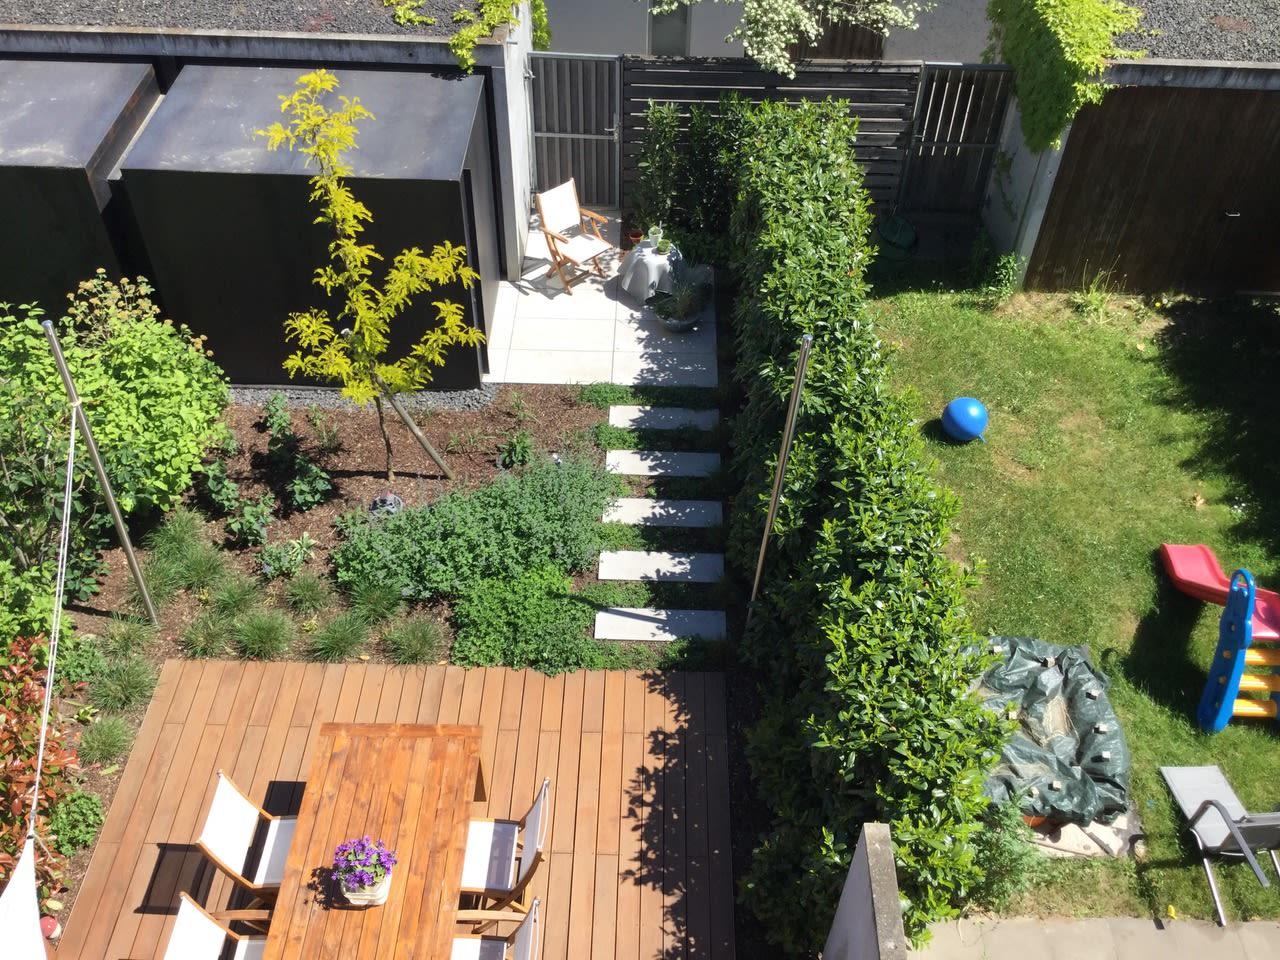 Garten mit Holzterrasse und Stühlen und Tischen Sicht von oben